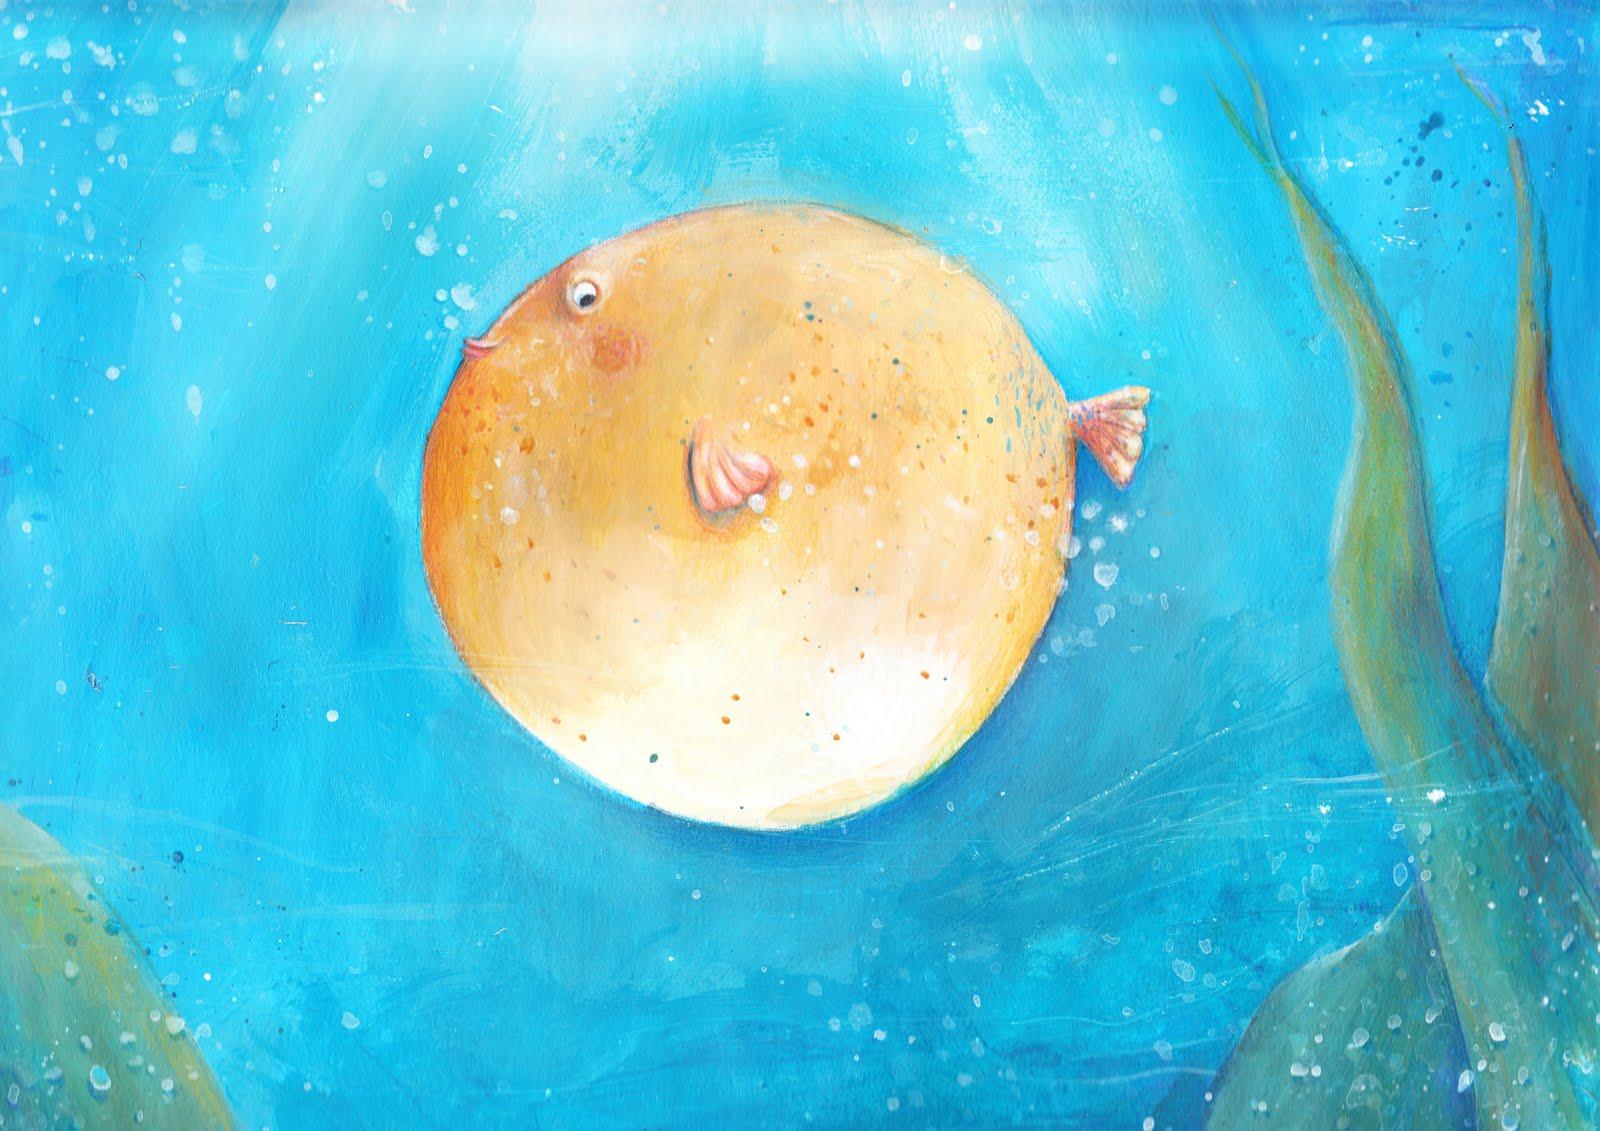 Meglio di un pesce palla for Pesce palla immagini